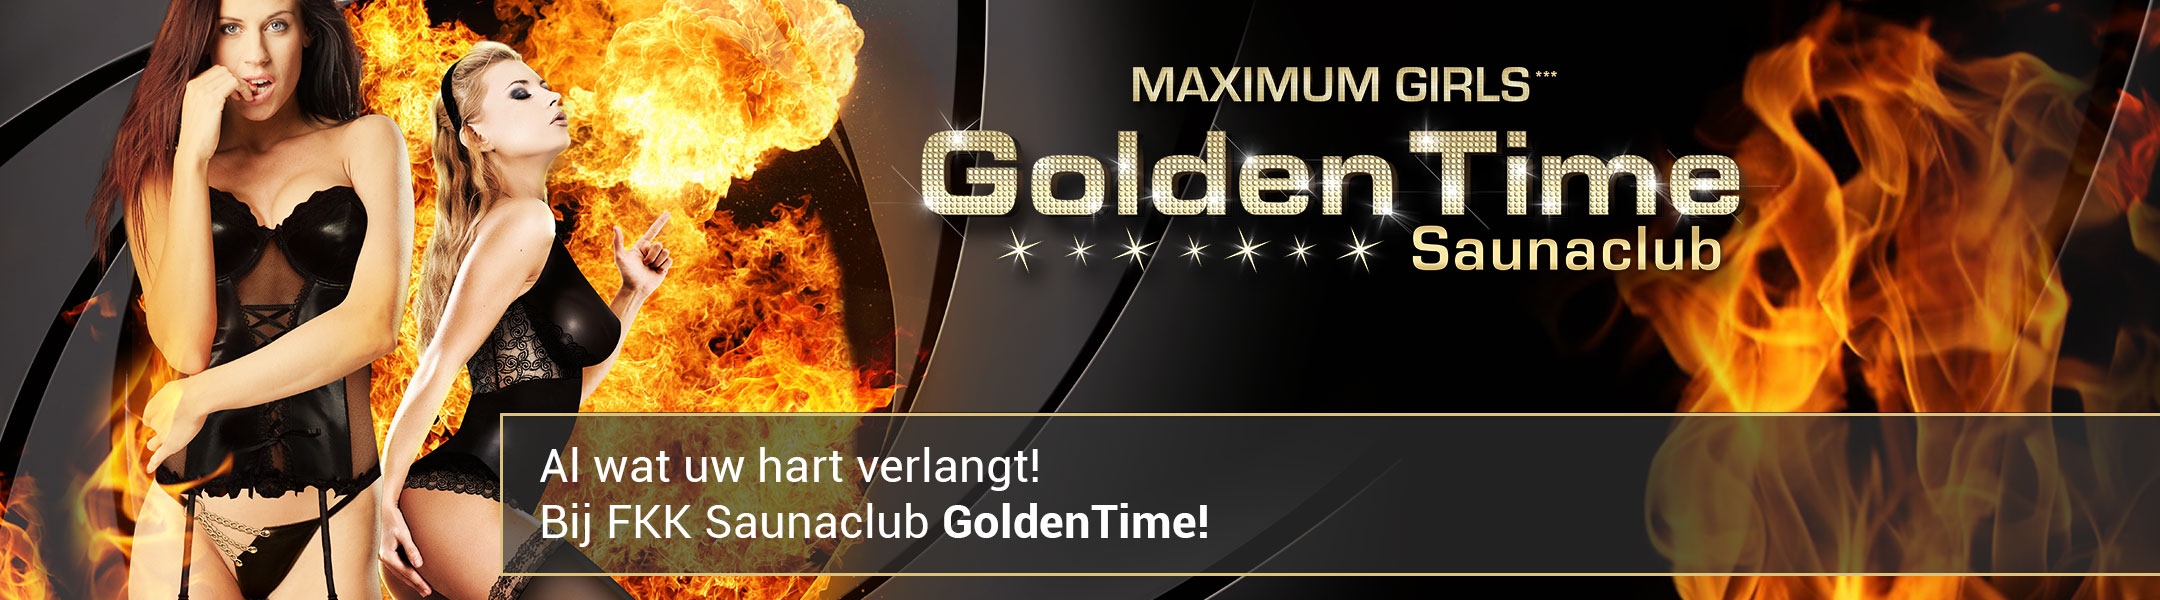 Al wat uw hart verlangt! Bij FKK Saunaclub GoldenTime!